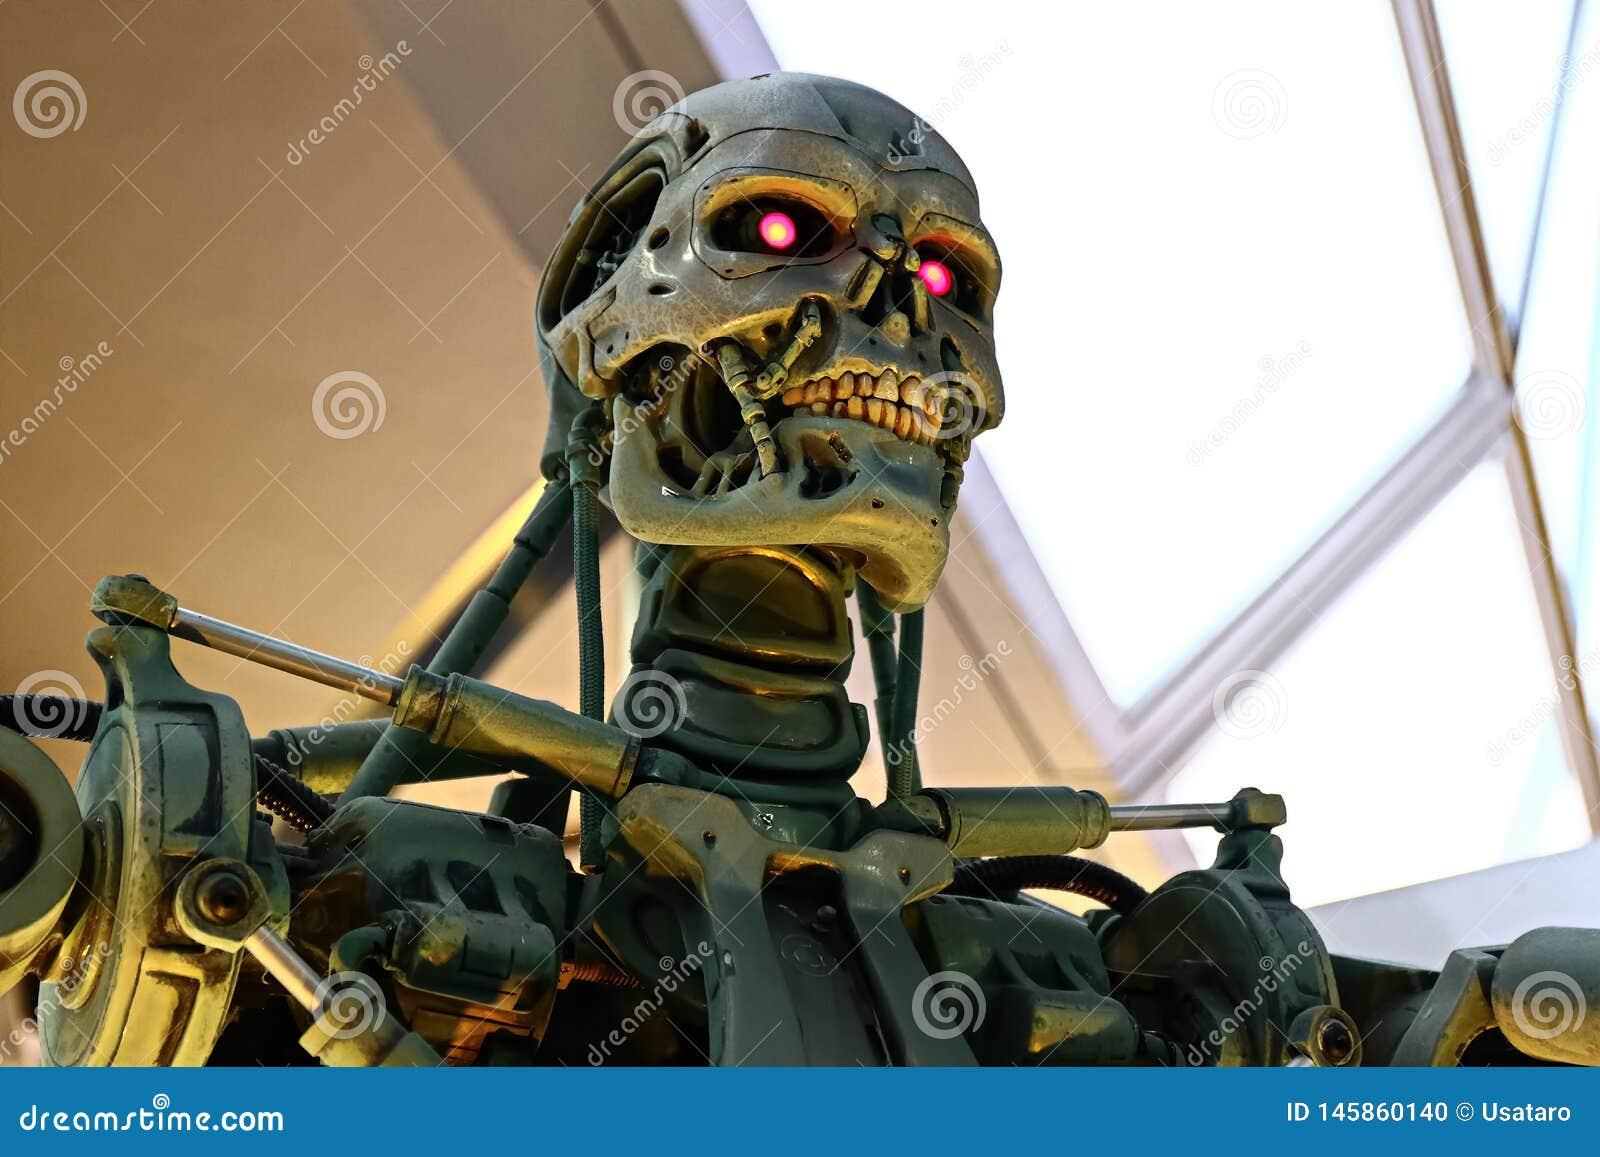 Foto del esqueleto del extremo T-800